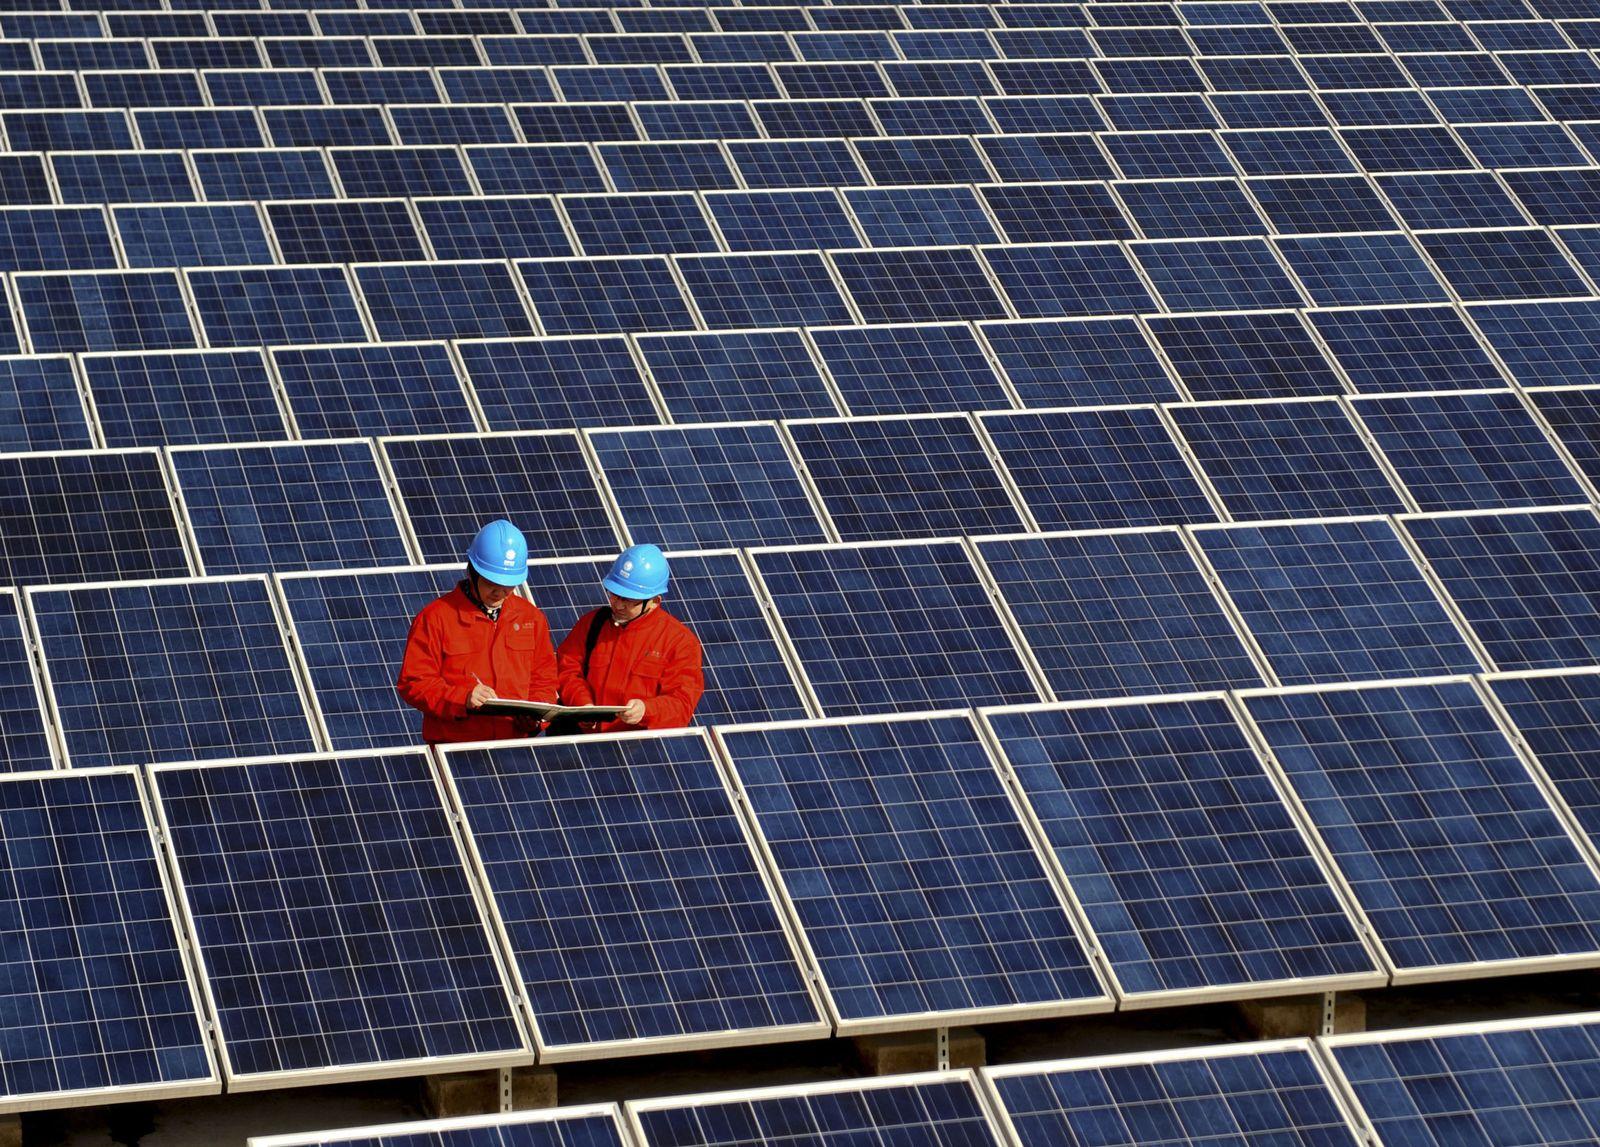 DER SPIEGEL 9/2012 pp 43 SPIN - China Solar Power